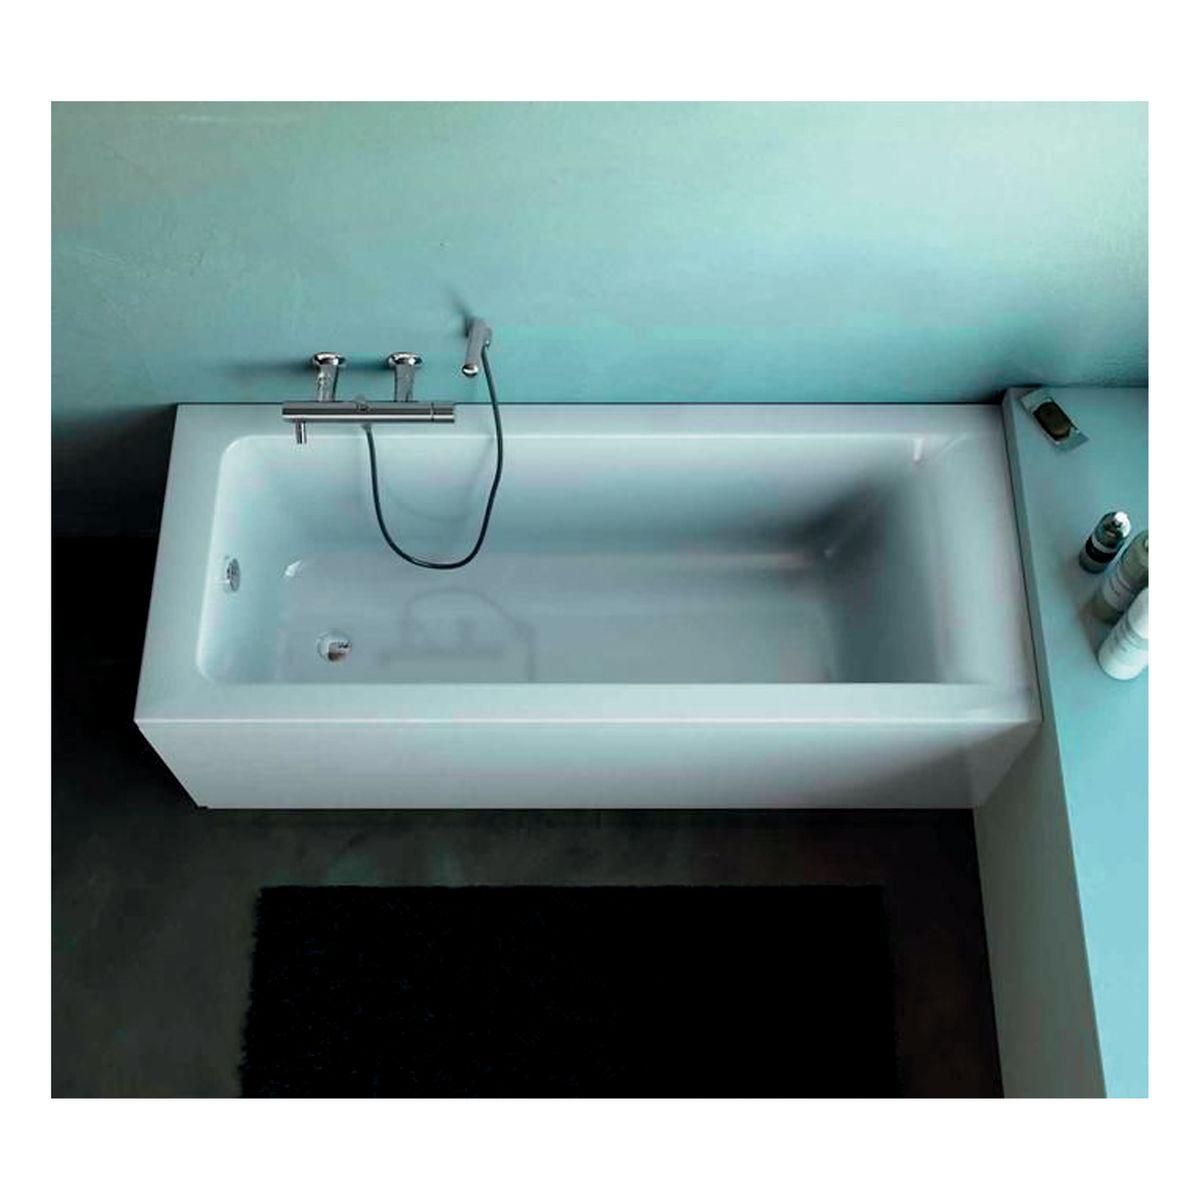 Vasche da bagno: prezzi e offerte online per vasche e accessori 2